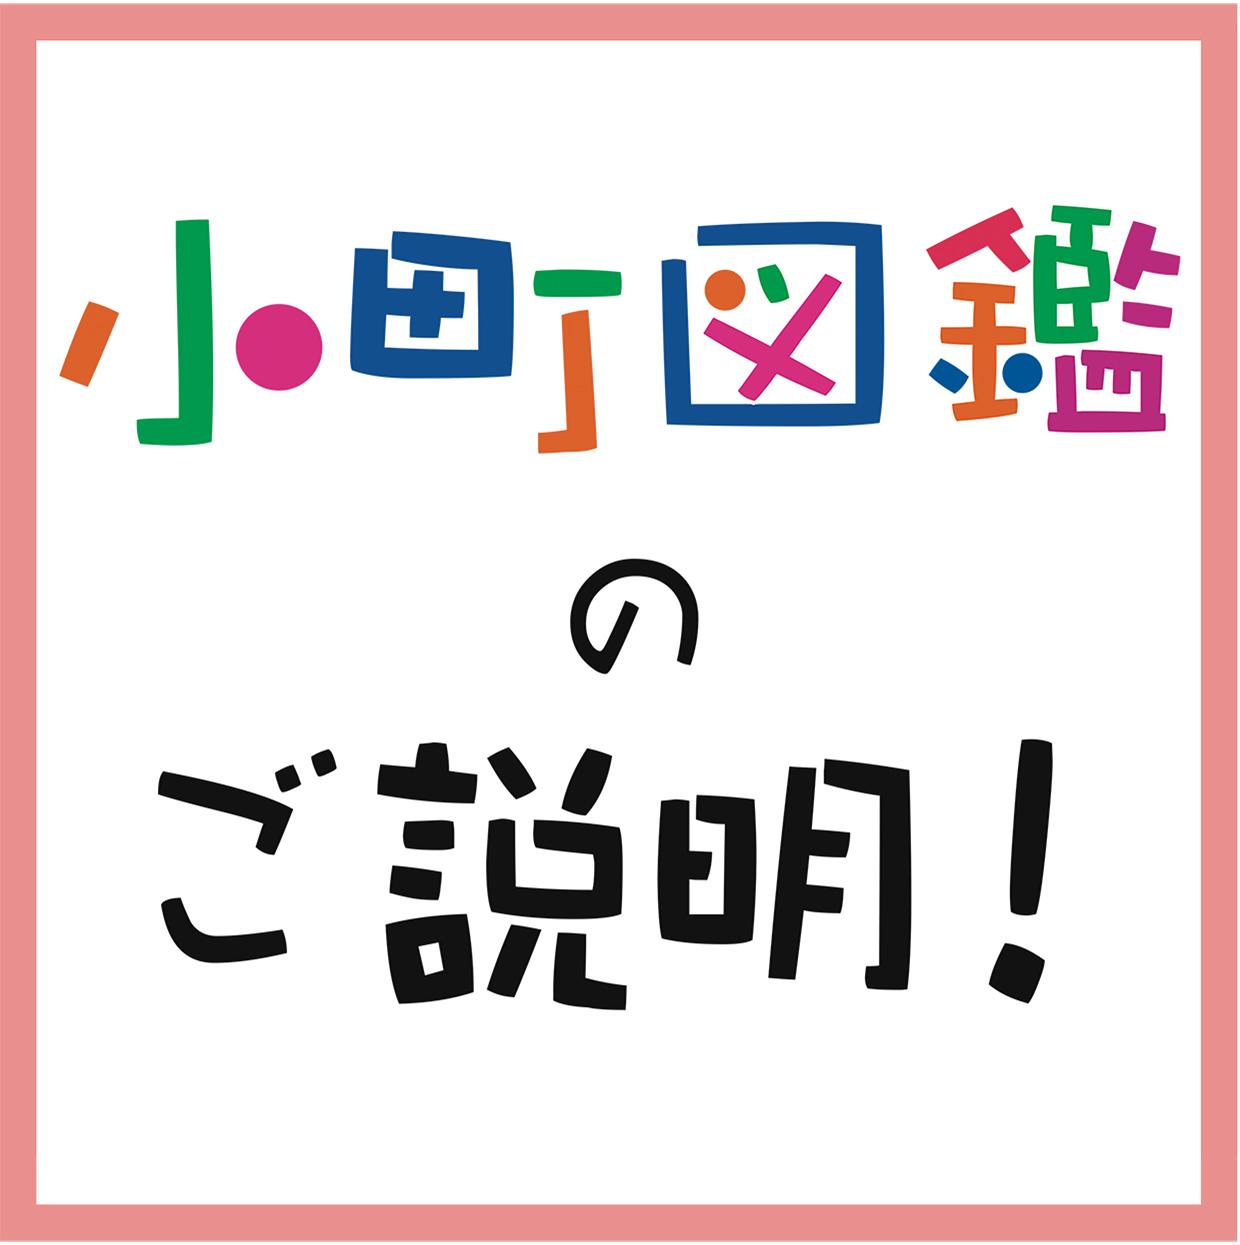 小町図鑑の説明_四角